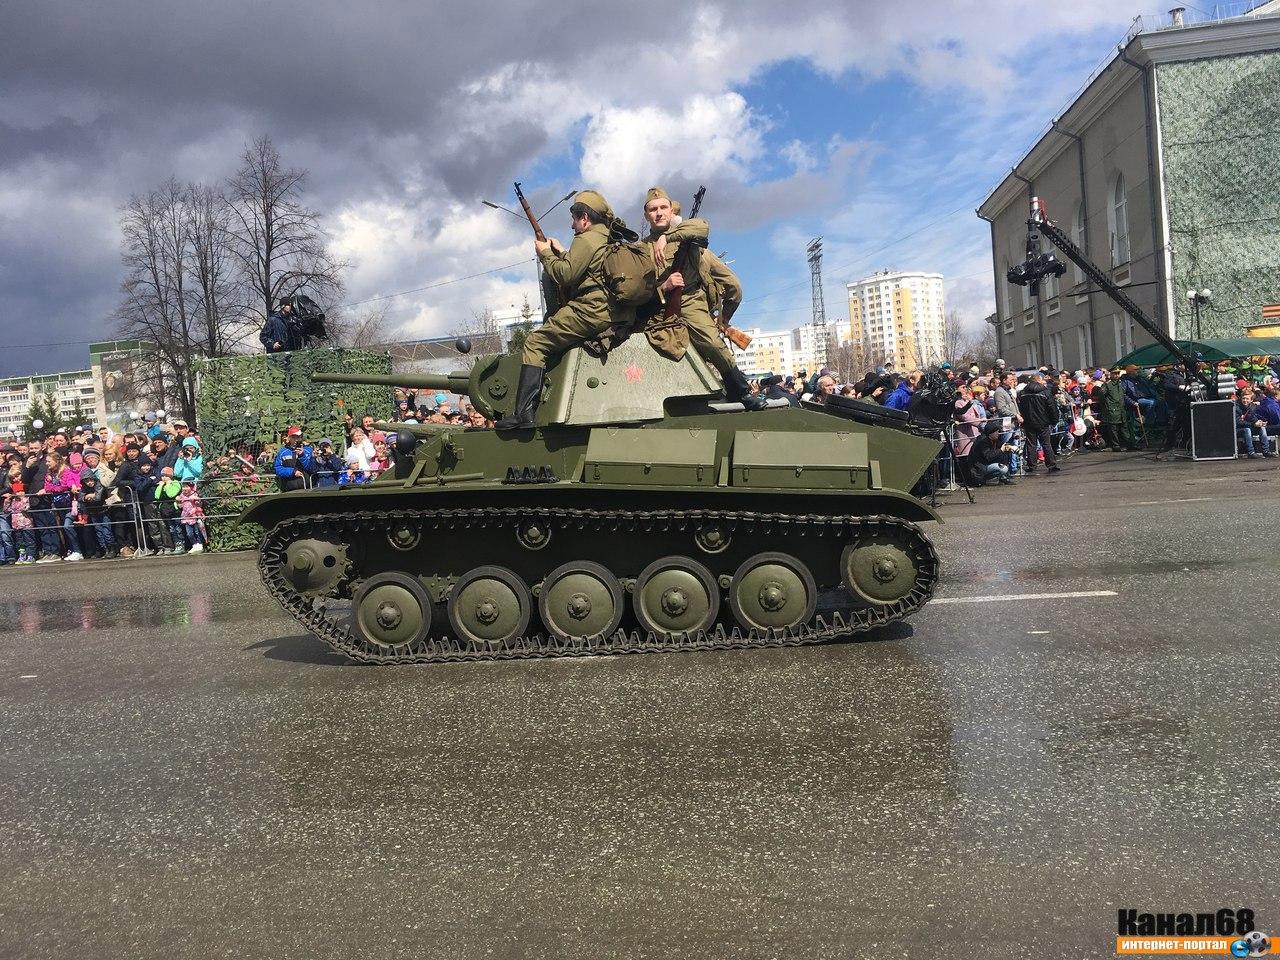 [WWII] Soviet tank development ZAVcQ1YZGbo